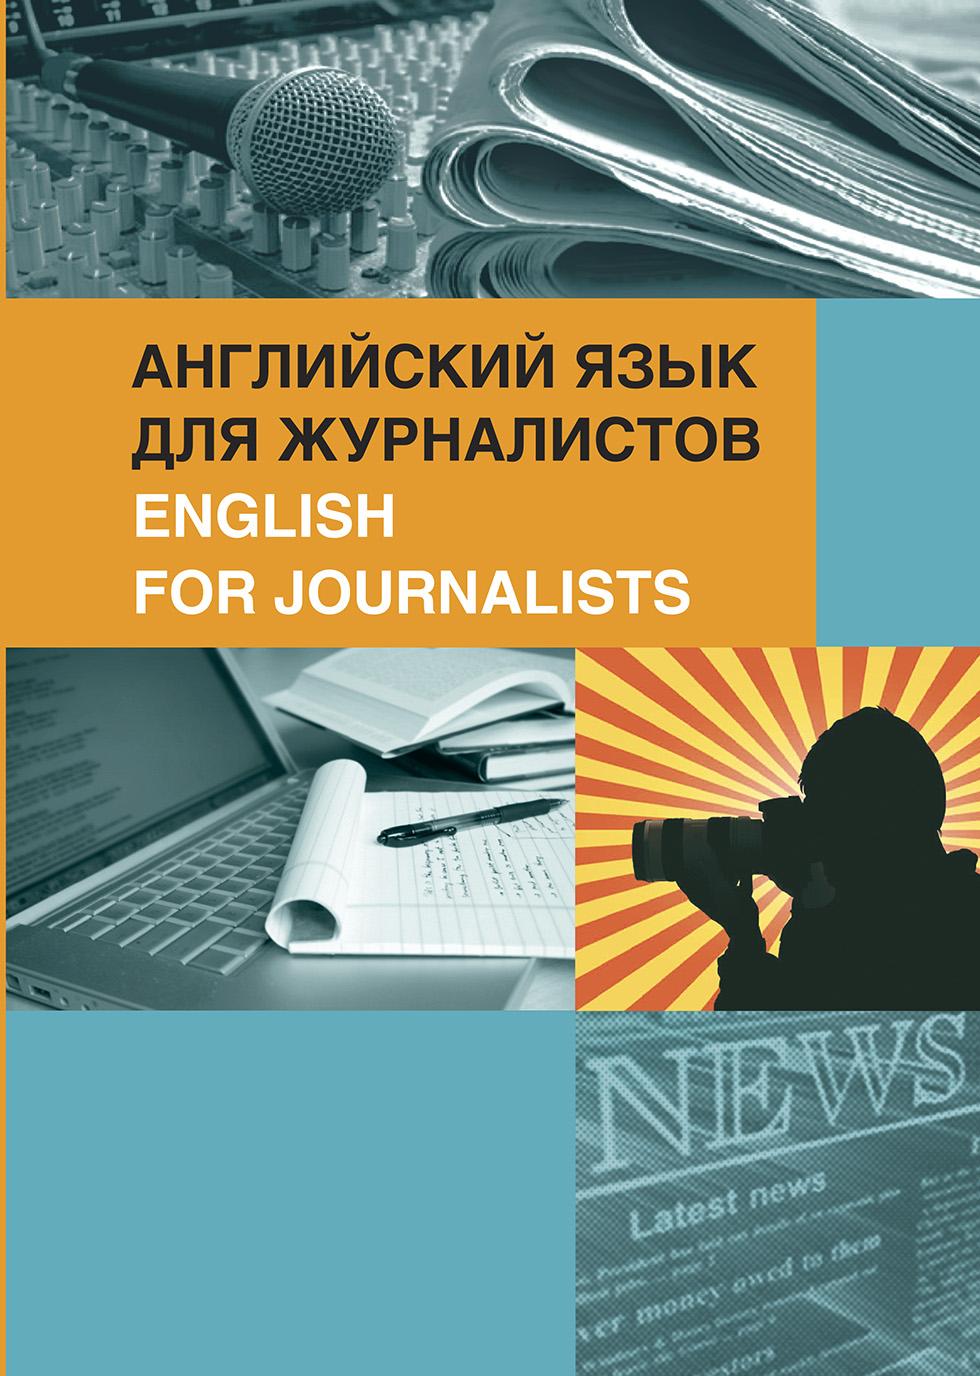 Английский язык для журналистов. English for Journalists